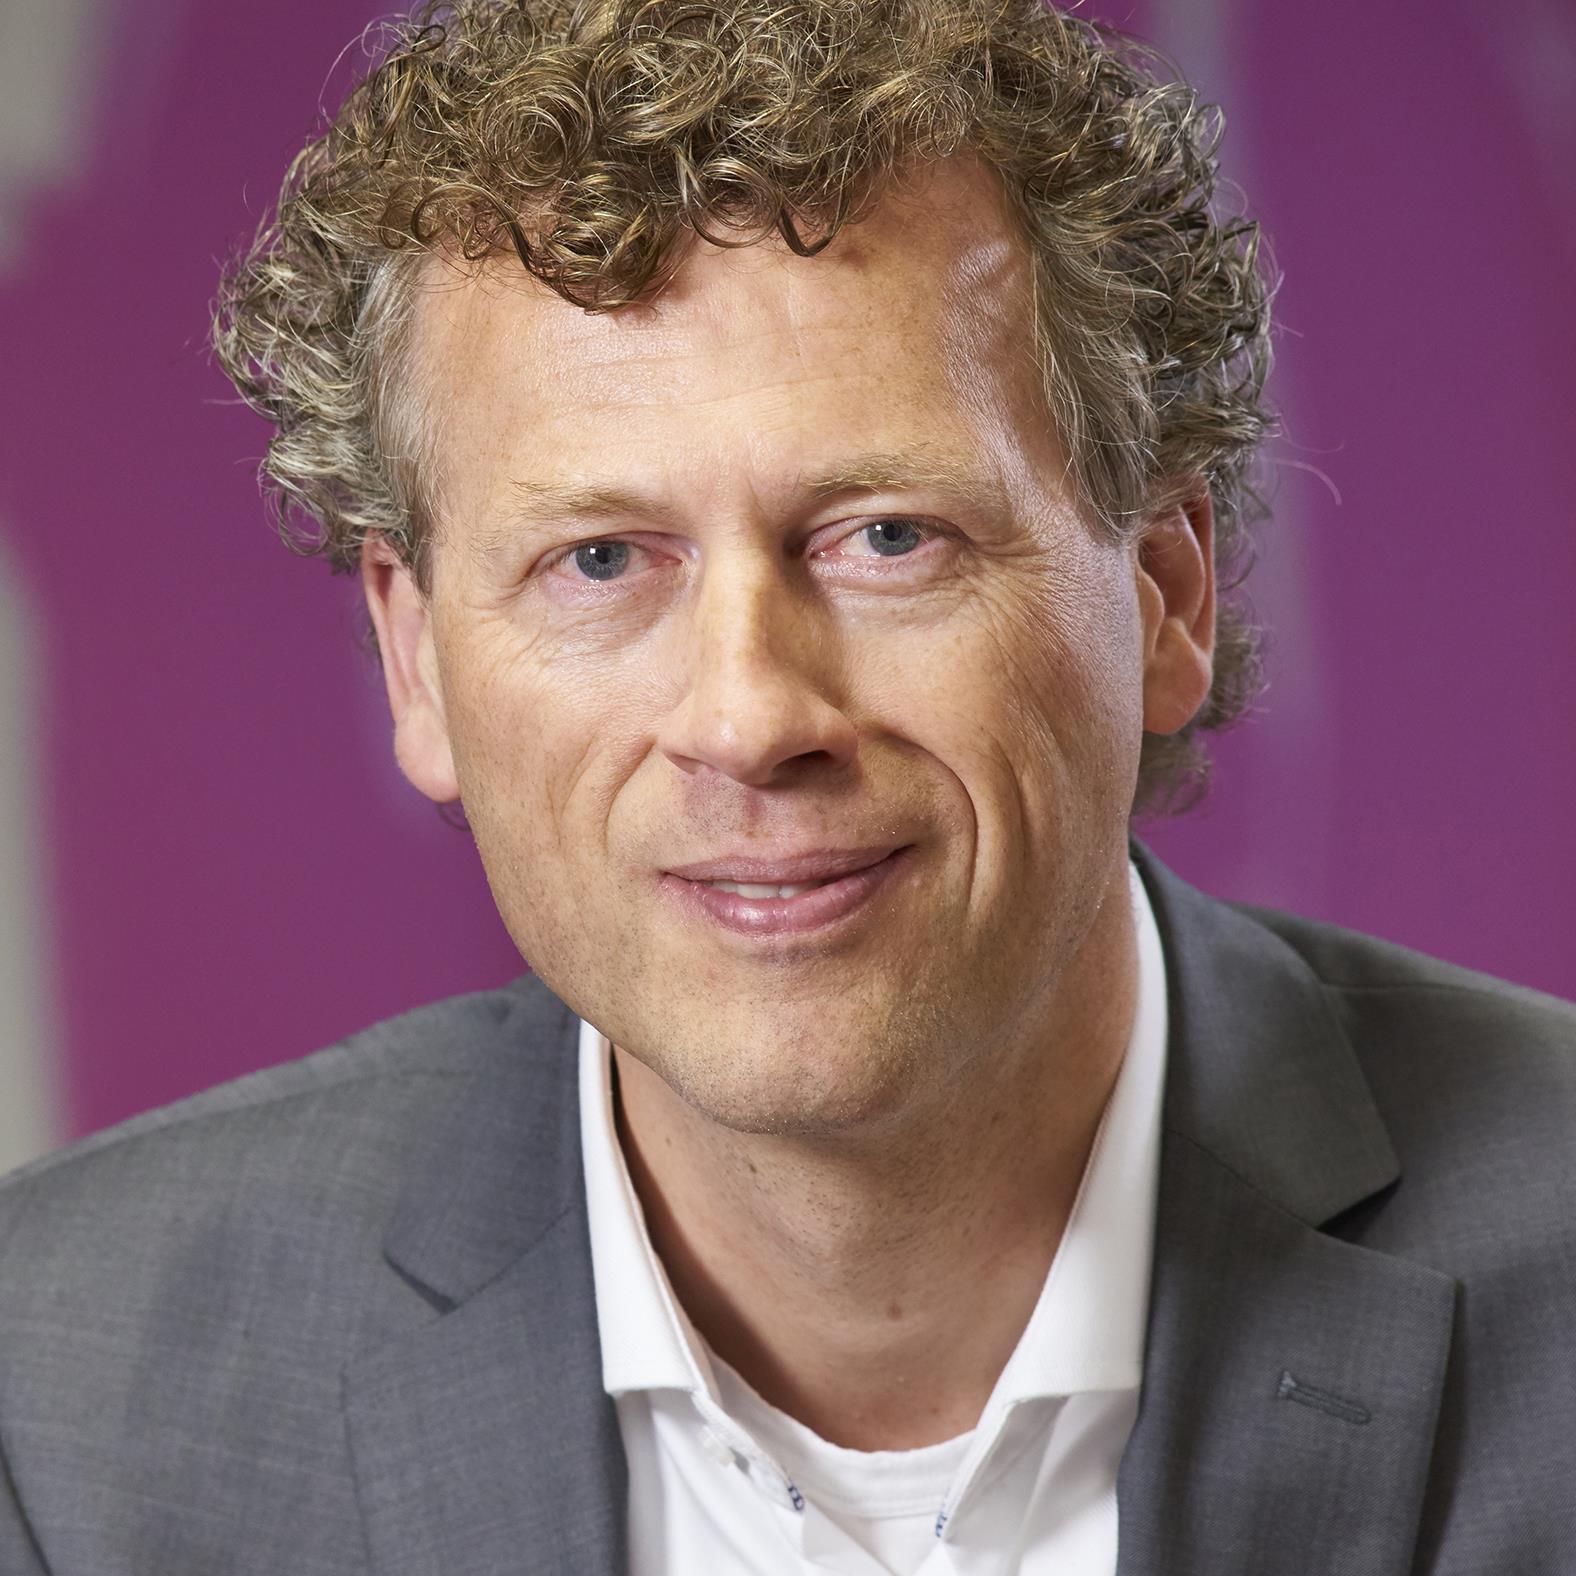 Alexander van Eeuwijk.jpg